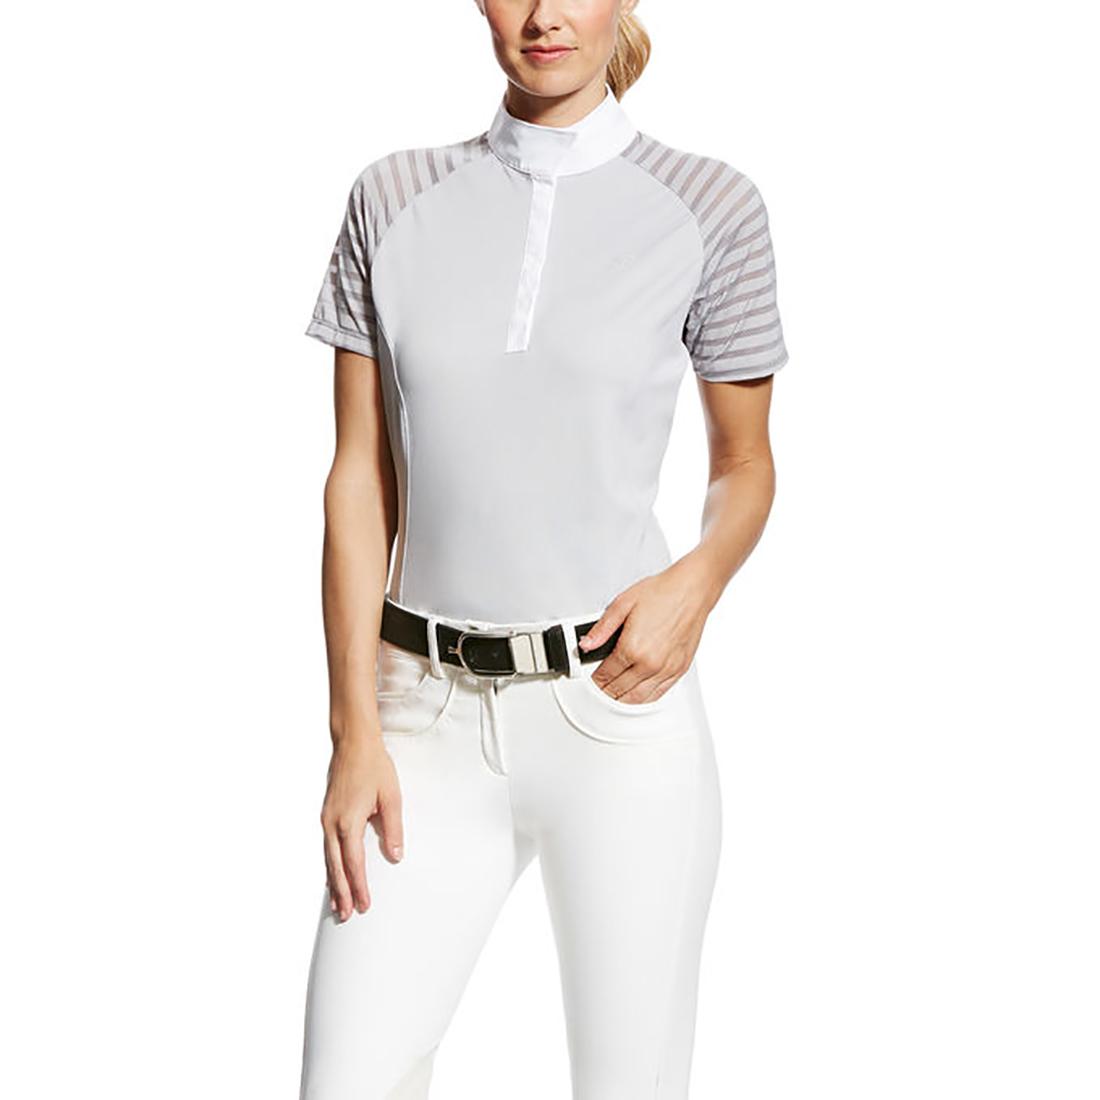 Ariat Aptos Vent Show Shirt - 10022429